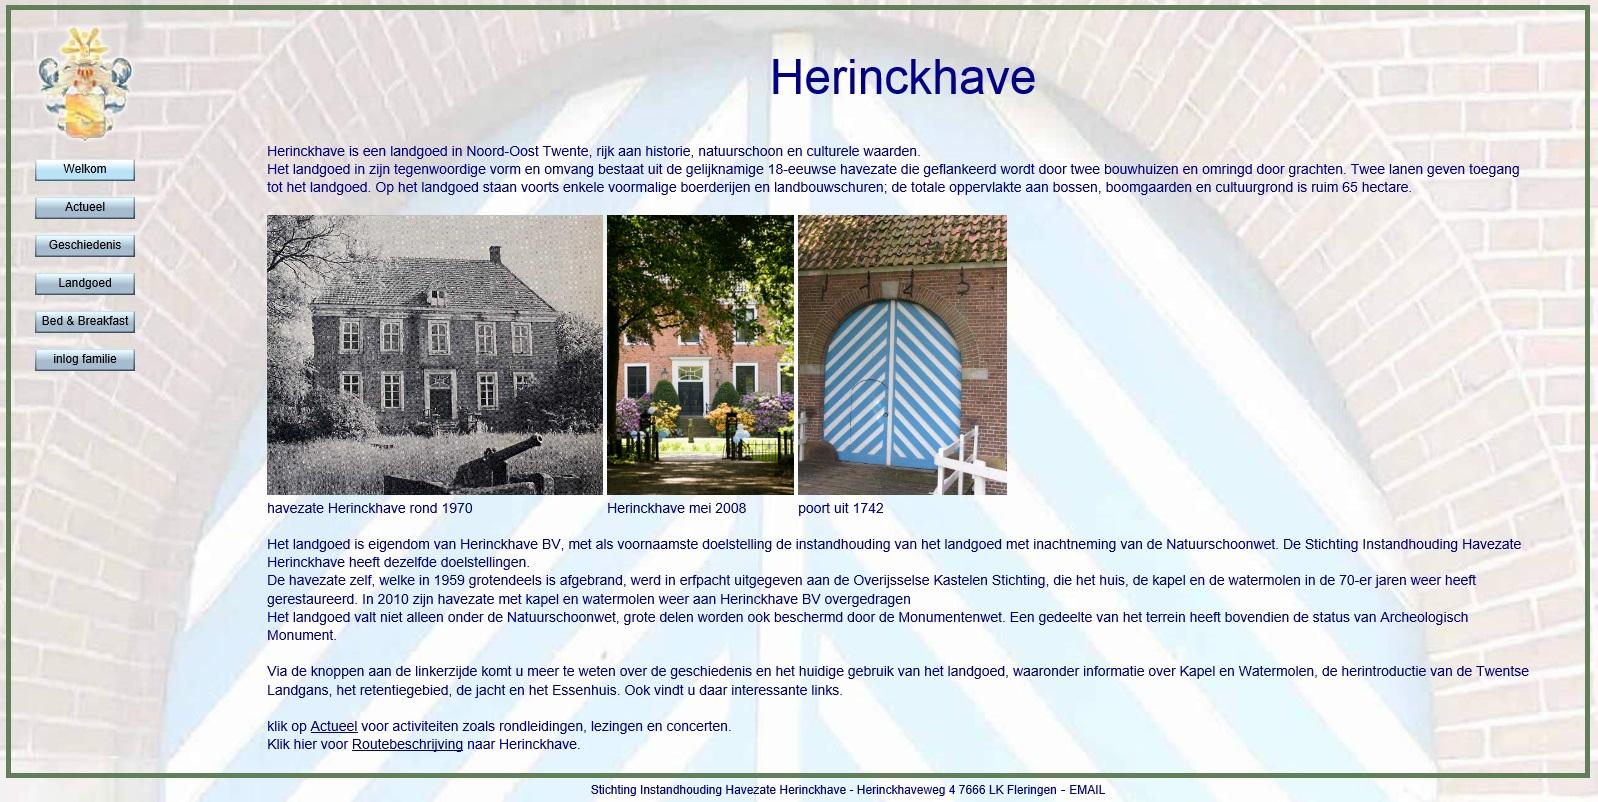 Afb. Screenshot van de startpagina van de vernieuwde website van landgoed Herinckhave.